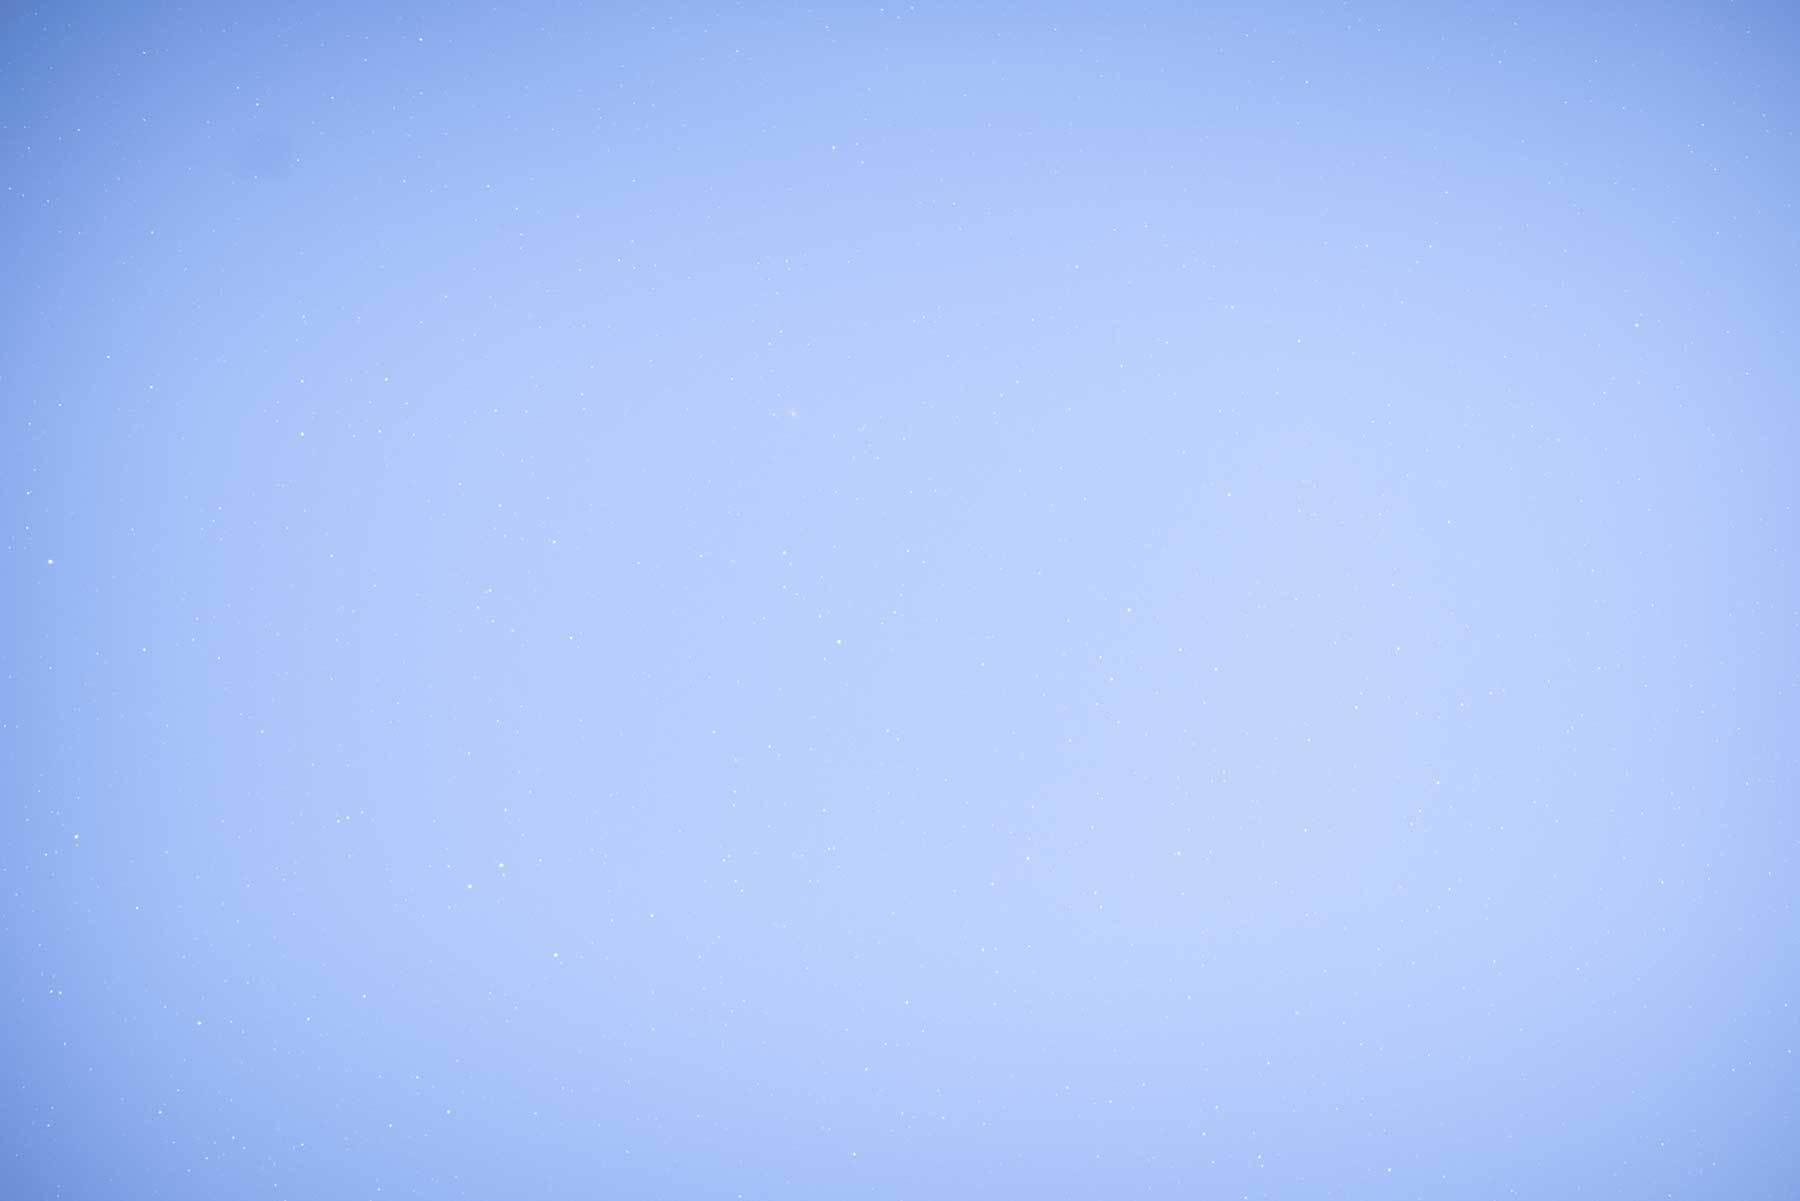 アトラス彗星2020年3月20日_b0400557_21452856.jpg